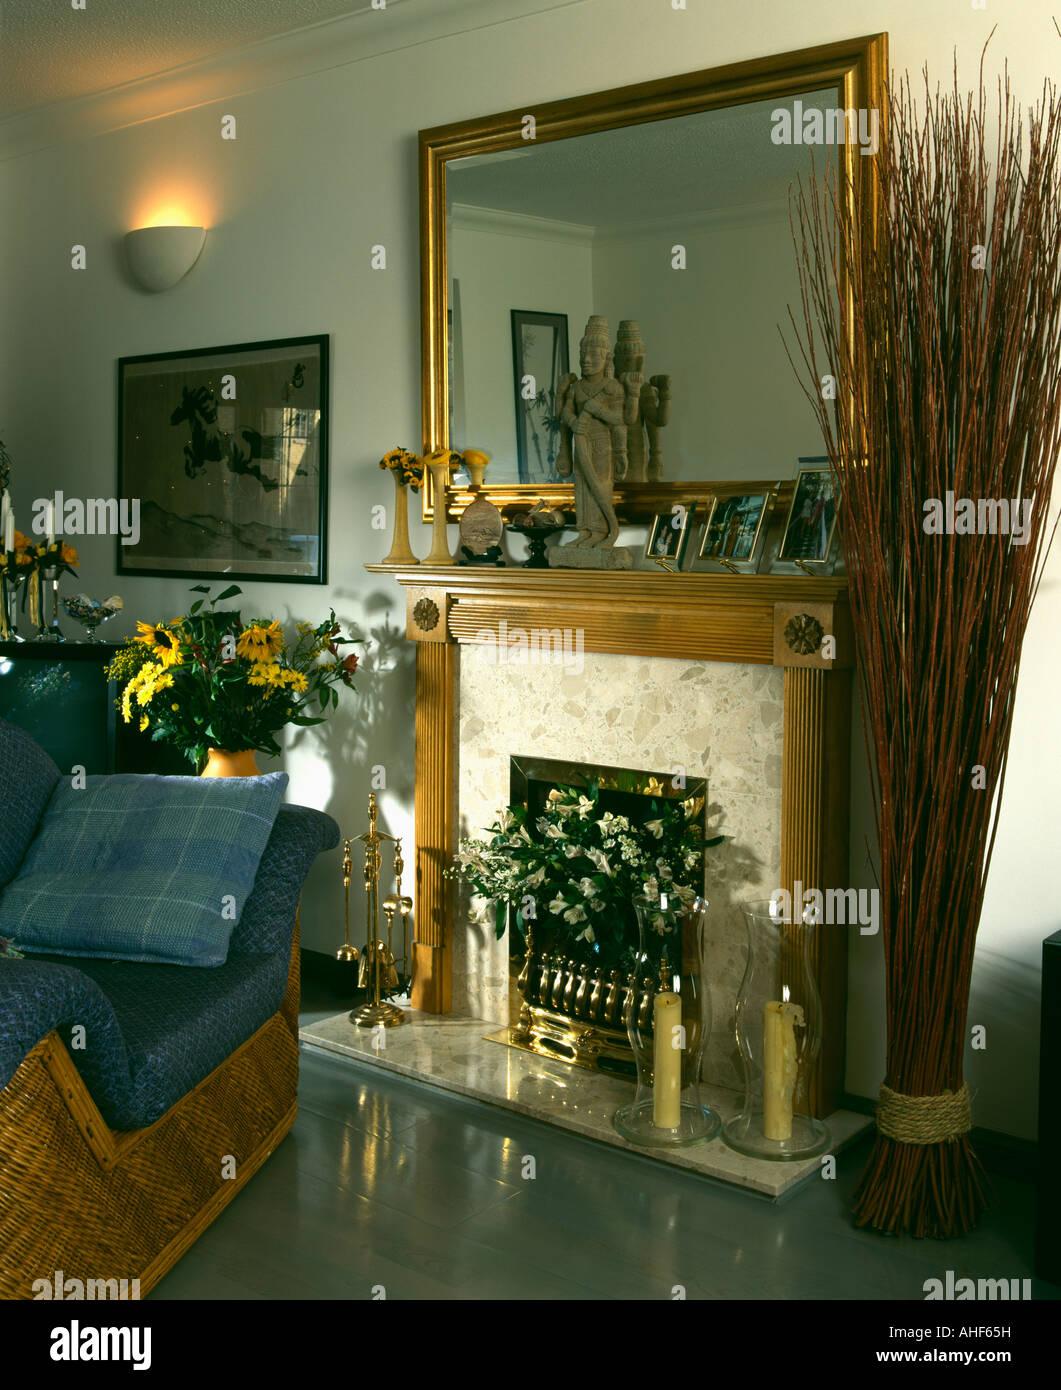 miroir doré au-dessus de cheminée dans années 90 salon avec